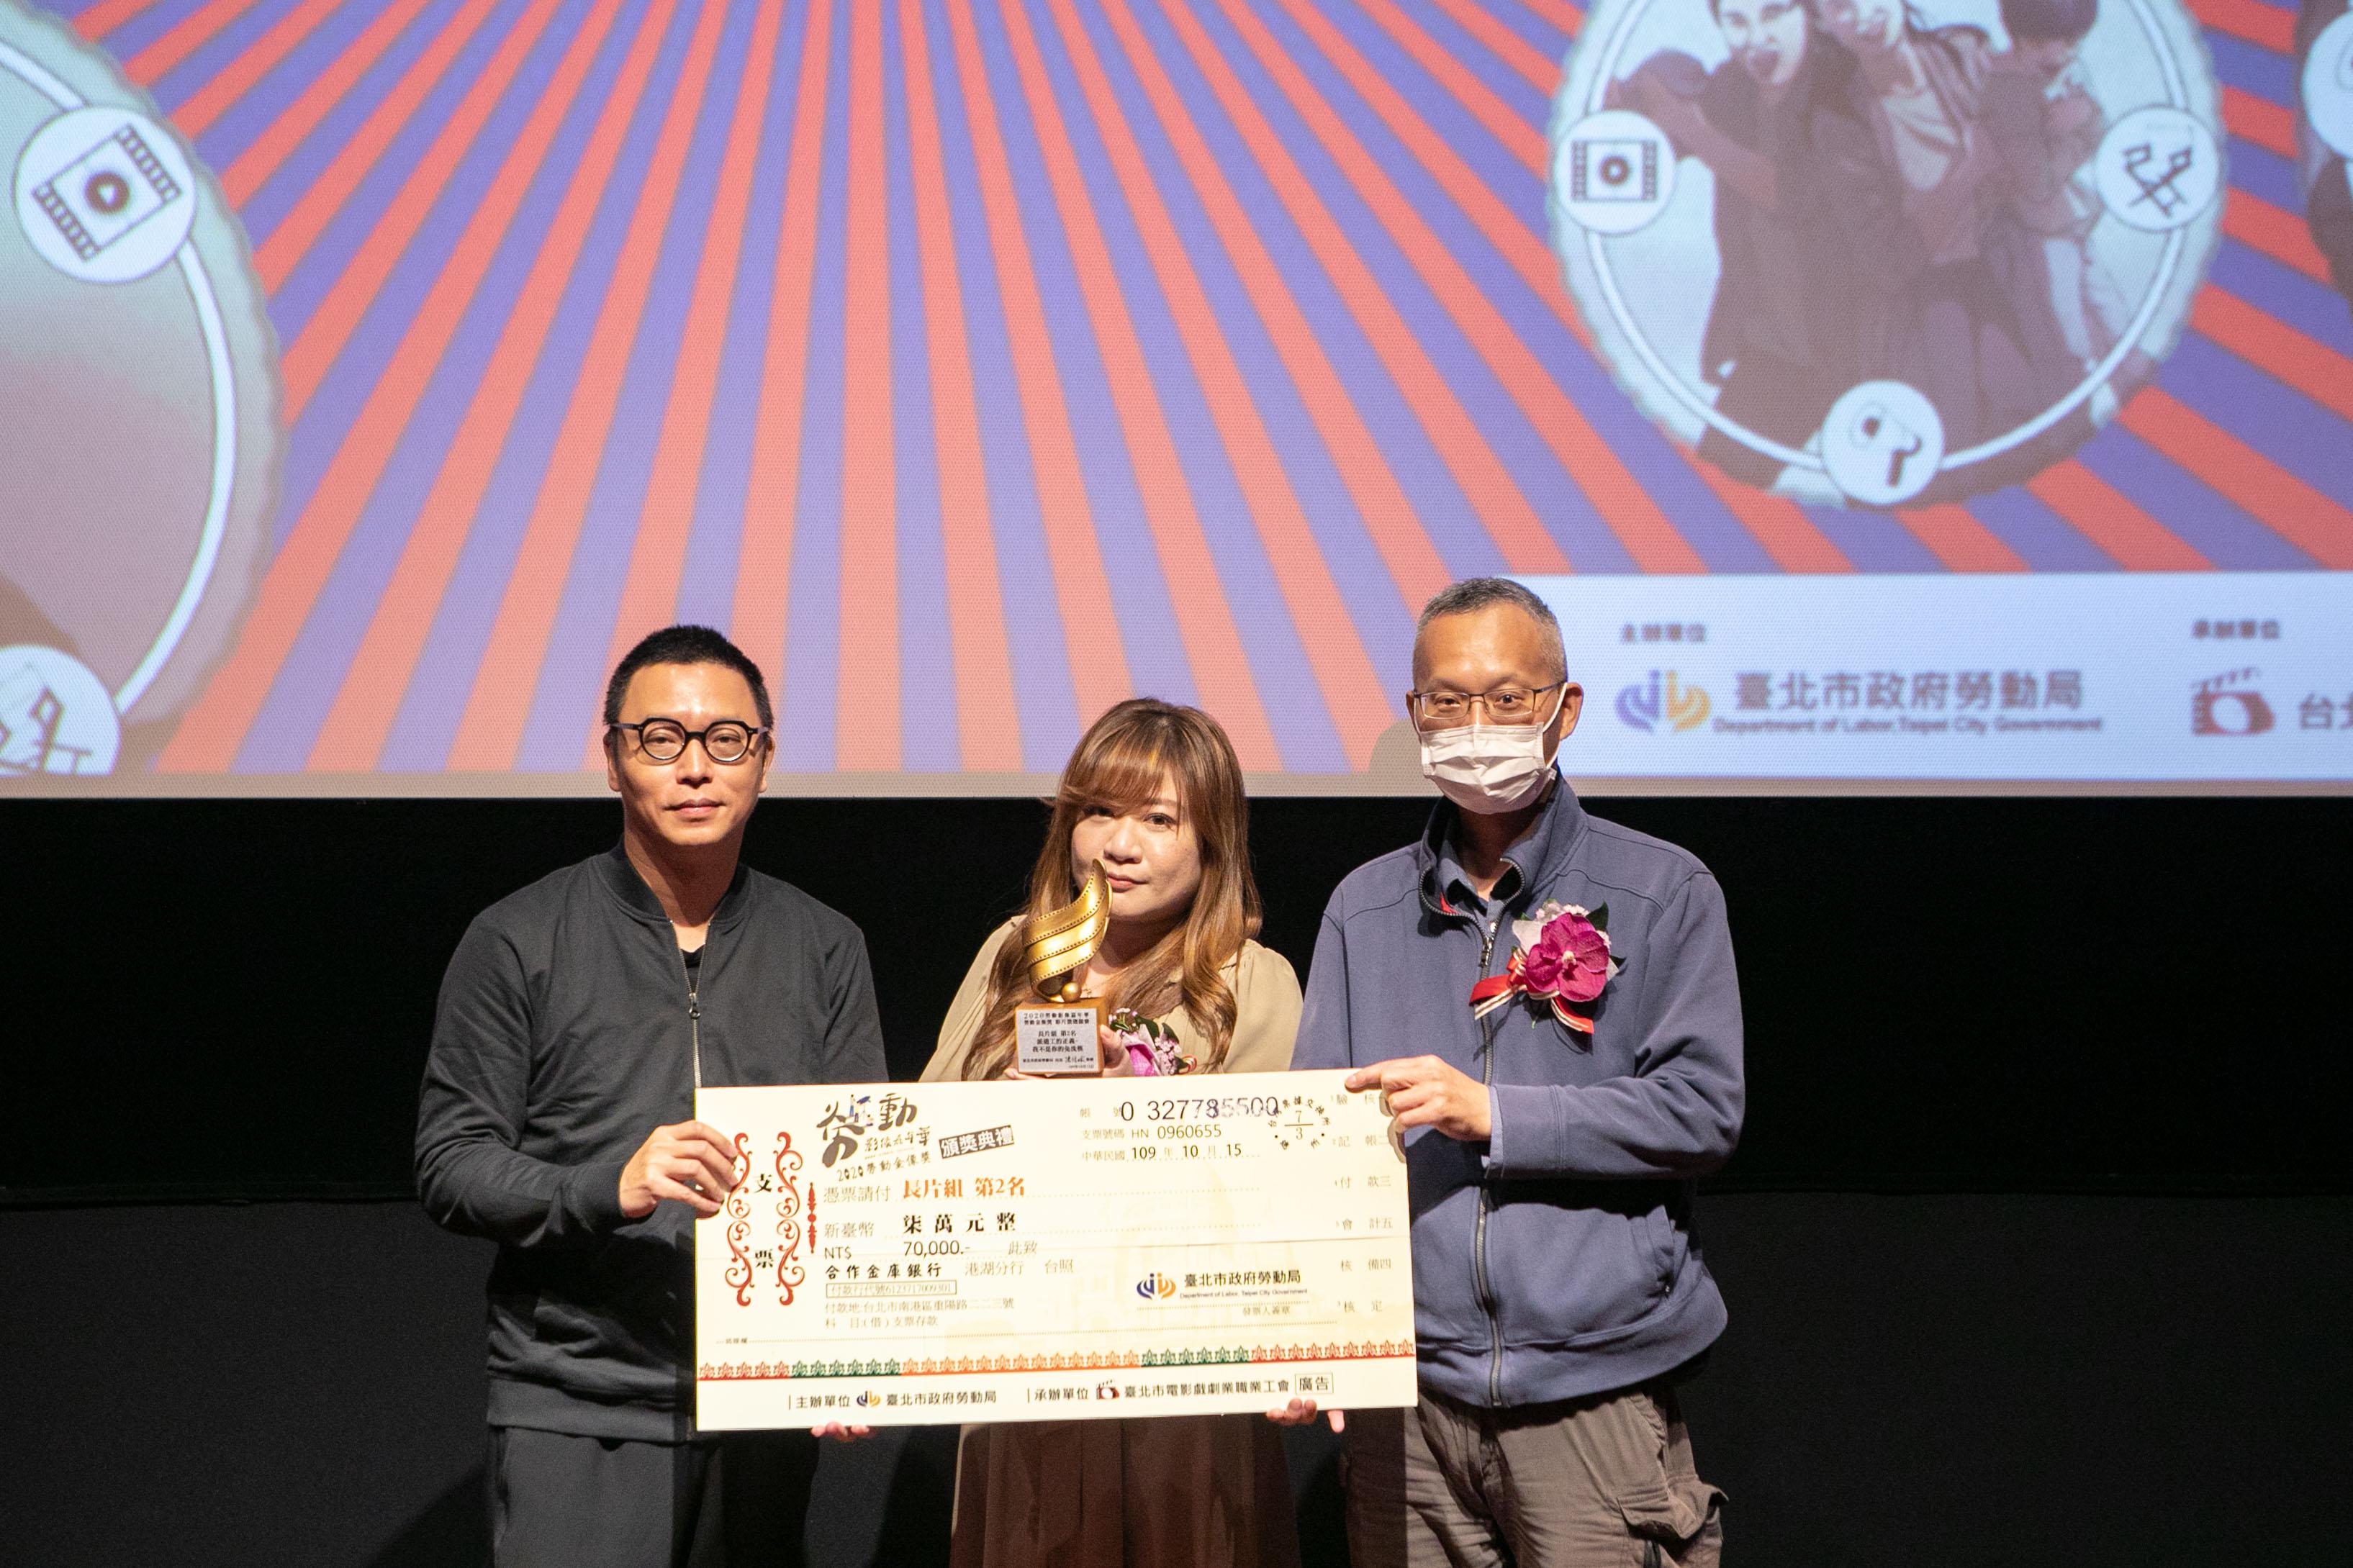 頒獎人沈可尚與長片組第二名得獎者林上筠、柯勝雄執導《派遣工的正義—我不是你的免洗筷》